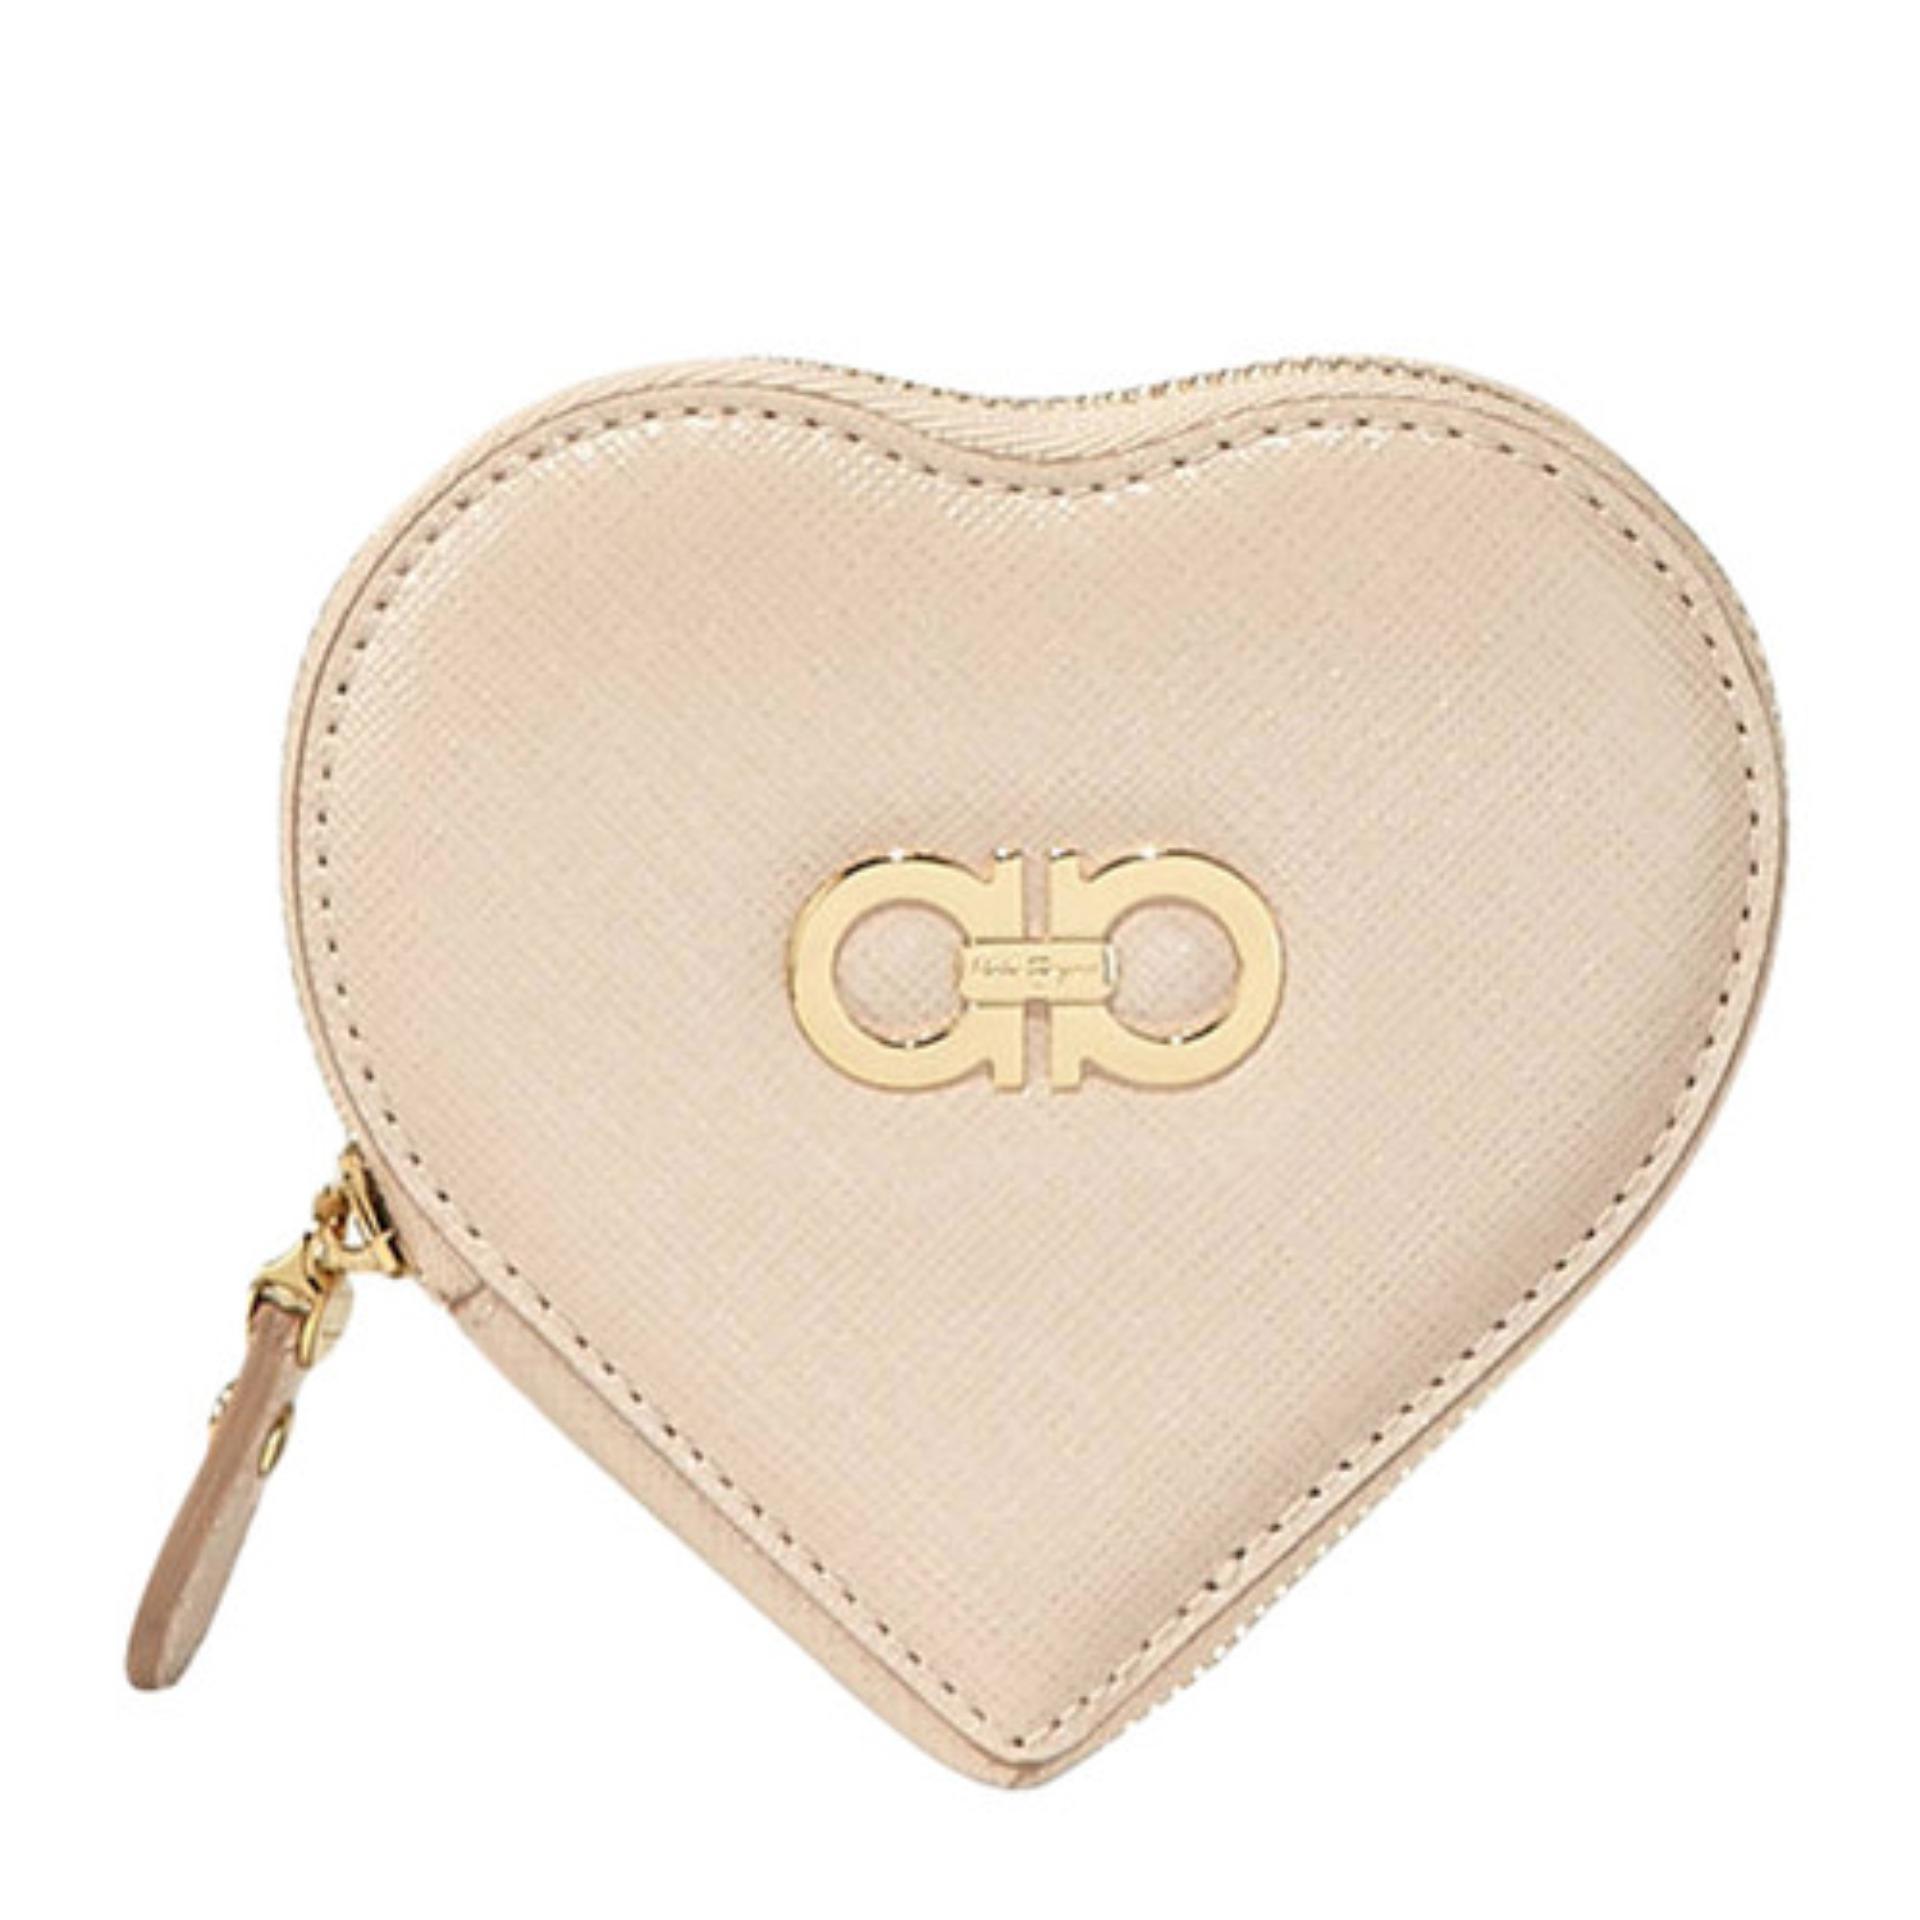 f2556d6fc5 Salvatore Ferragamo Gancini Icon Heart Coin Purse (New Bisque)    22C113585056